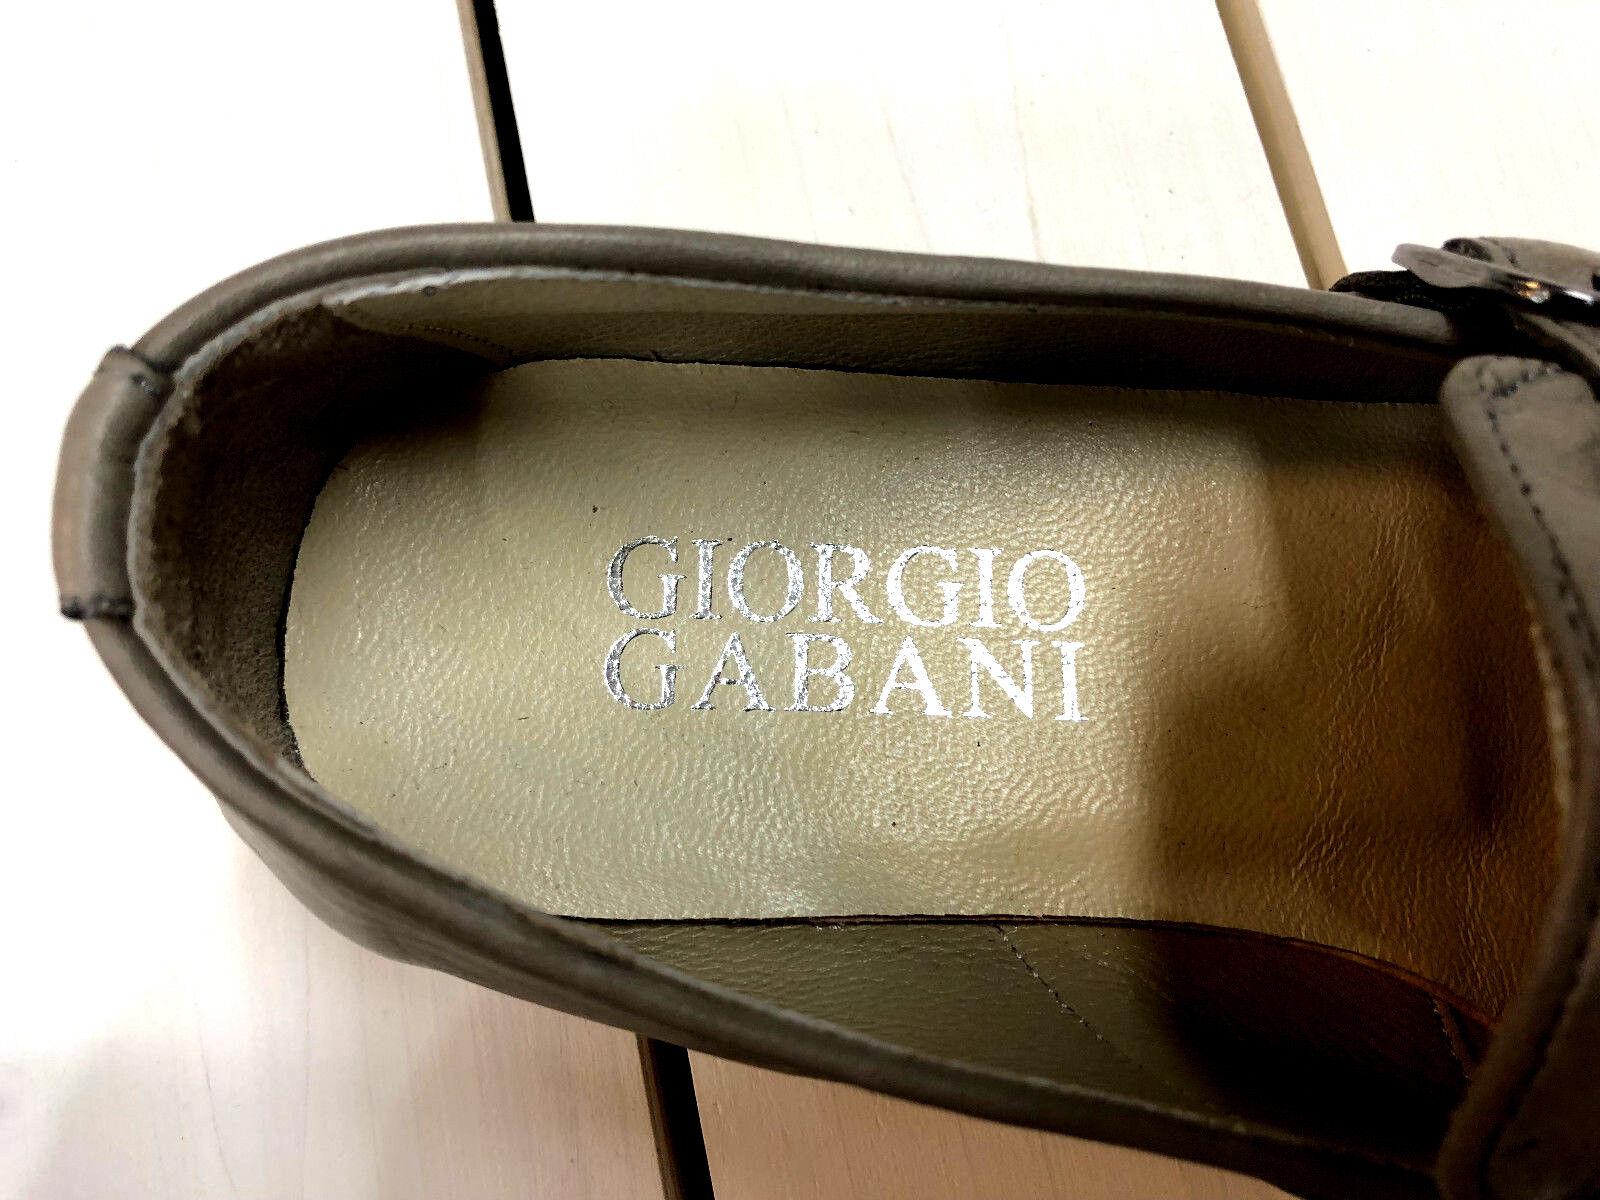 Giorgio Gabani Slipper VERDE doppelmonk  mocassino vitello pelle in pelle Uomo  doppelmonk  43 24dc88